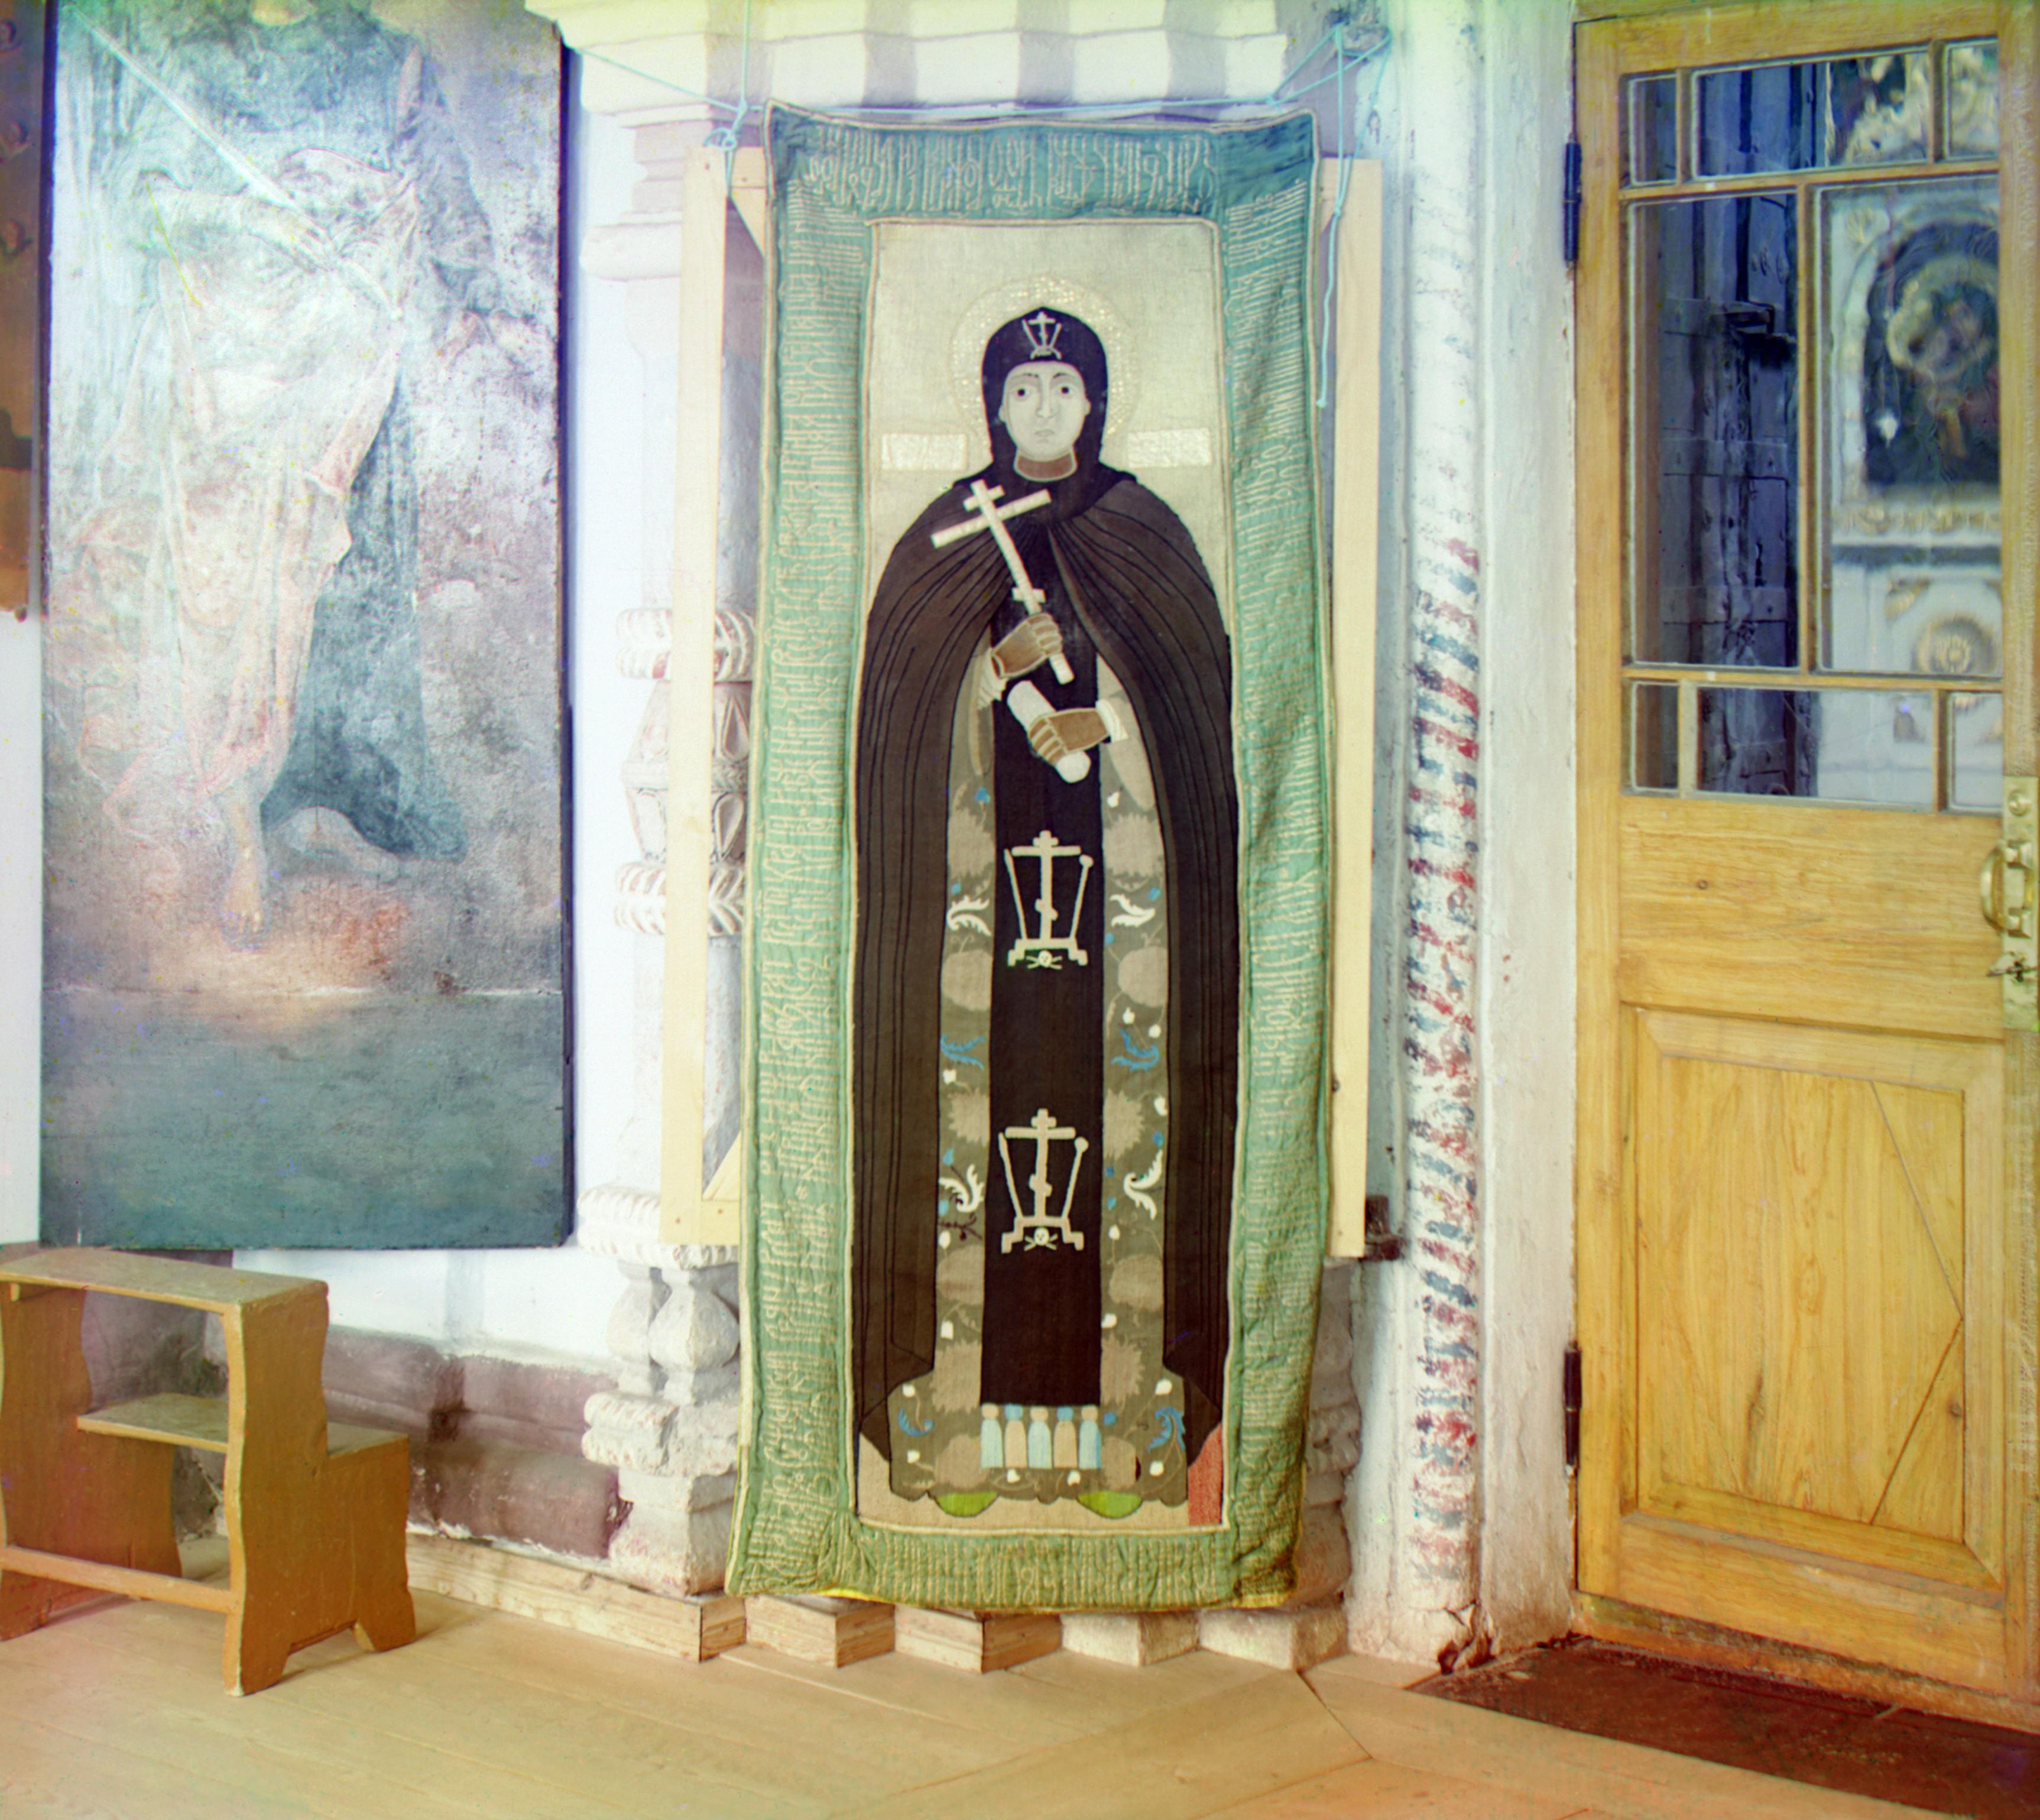 Преподобенский монастырь. Пелена с изображением Преподобной Евфросинии Суздальской